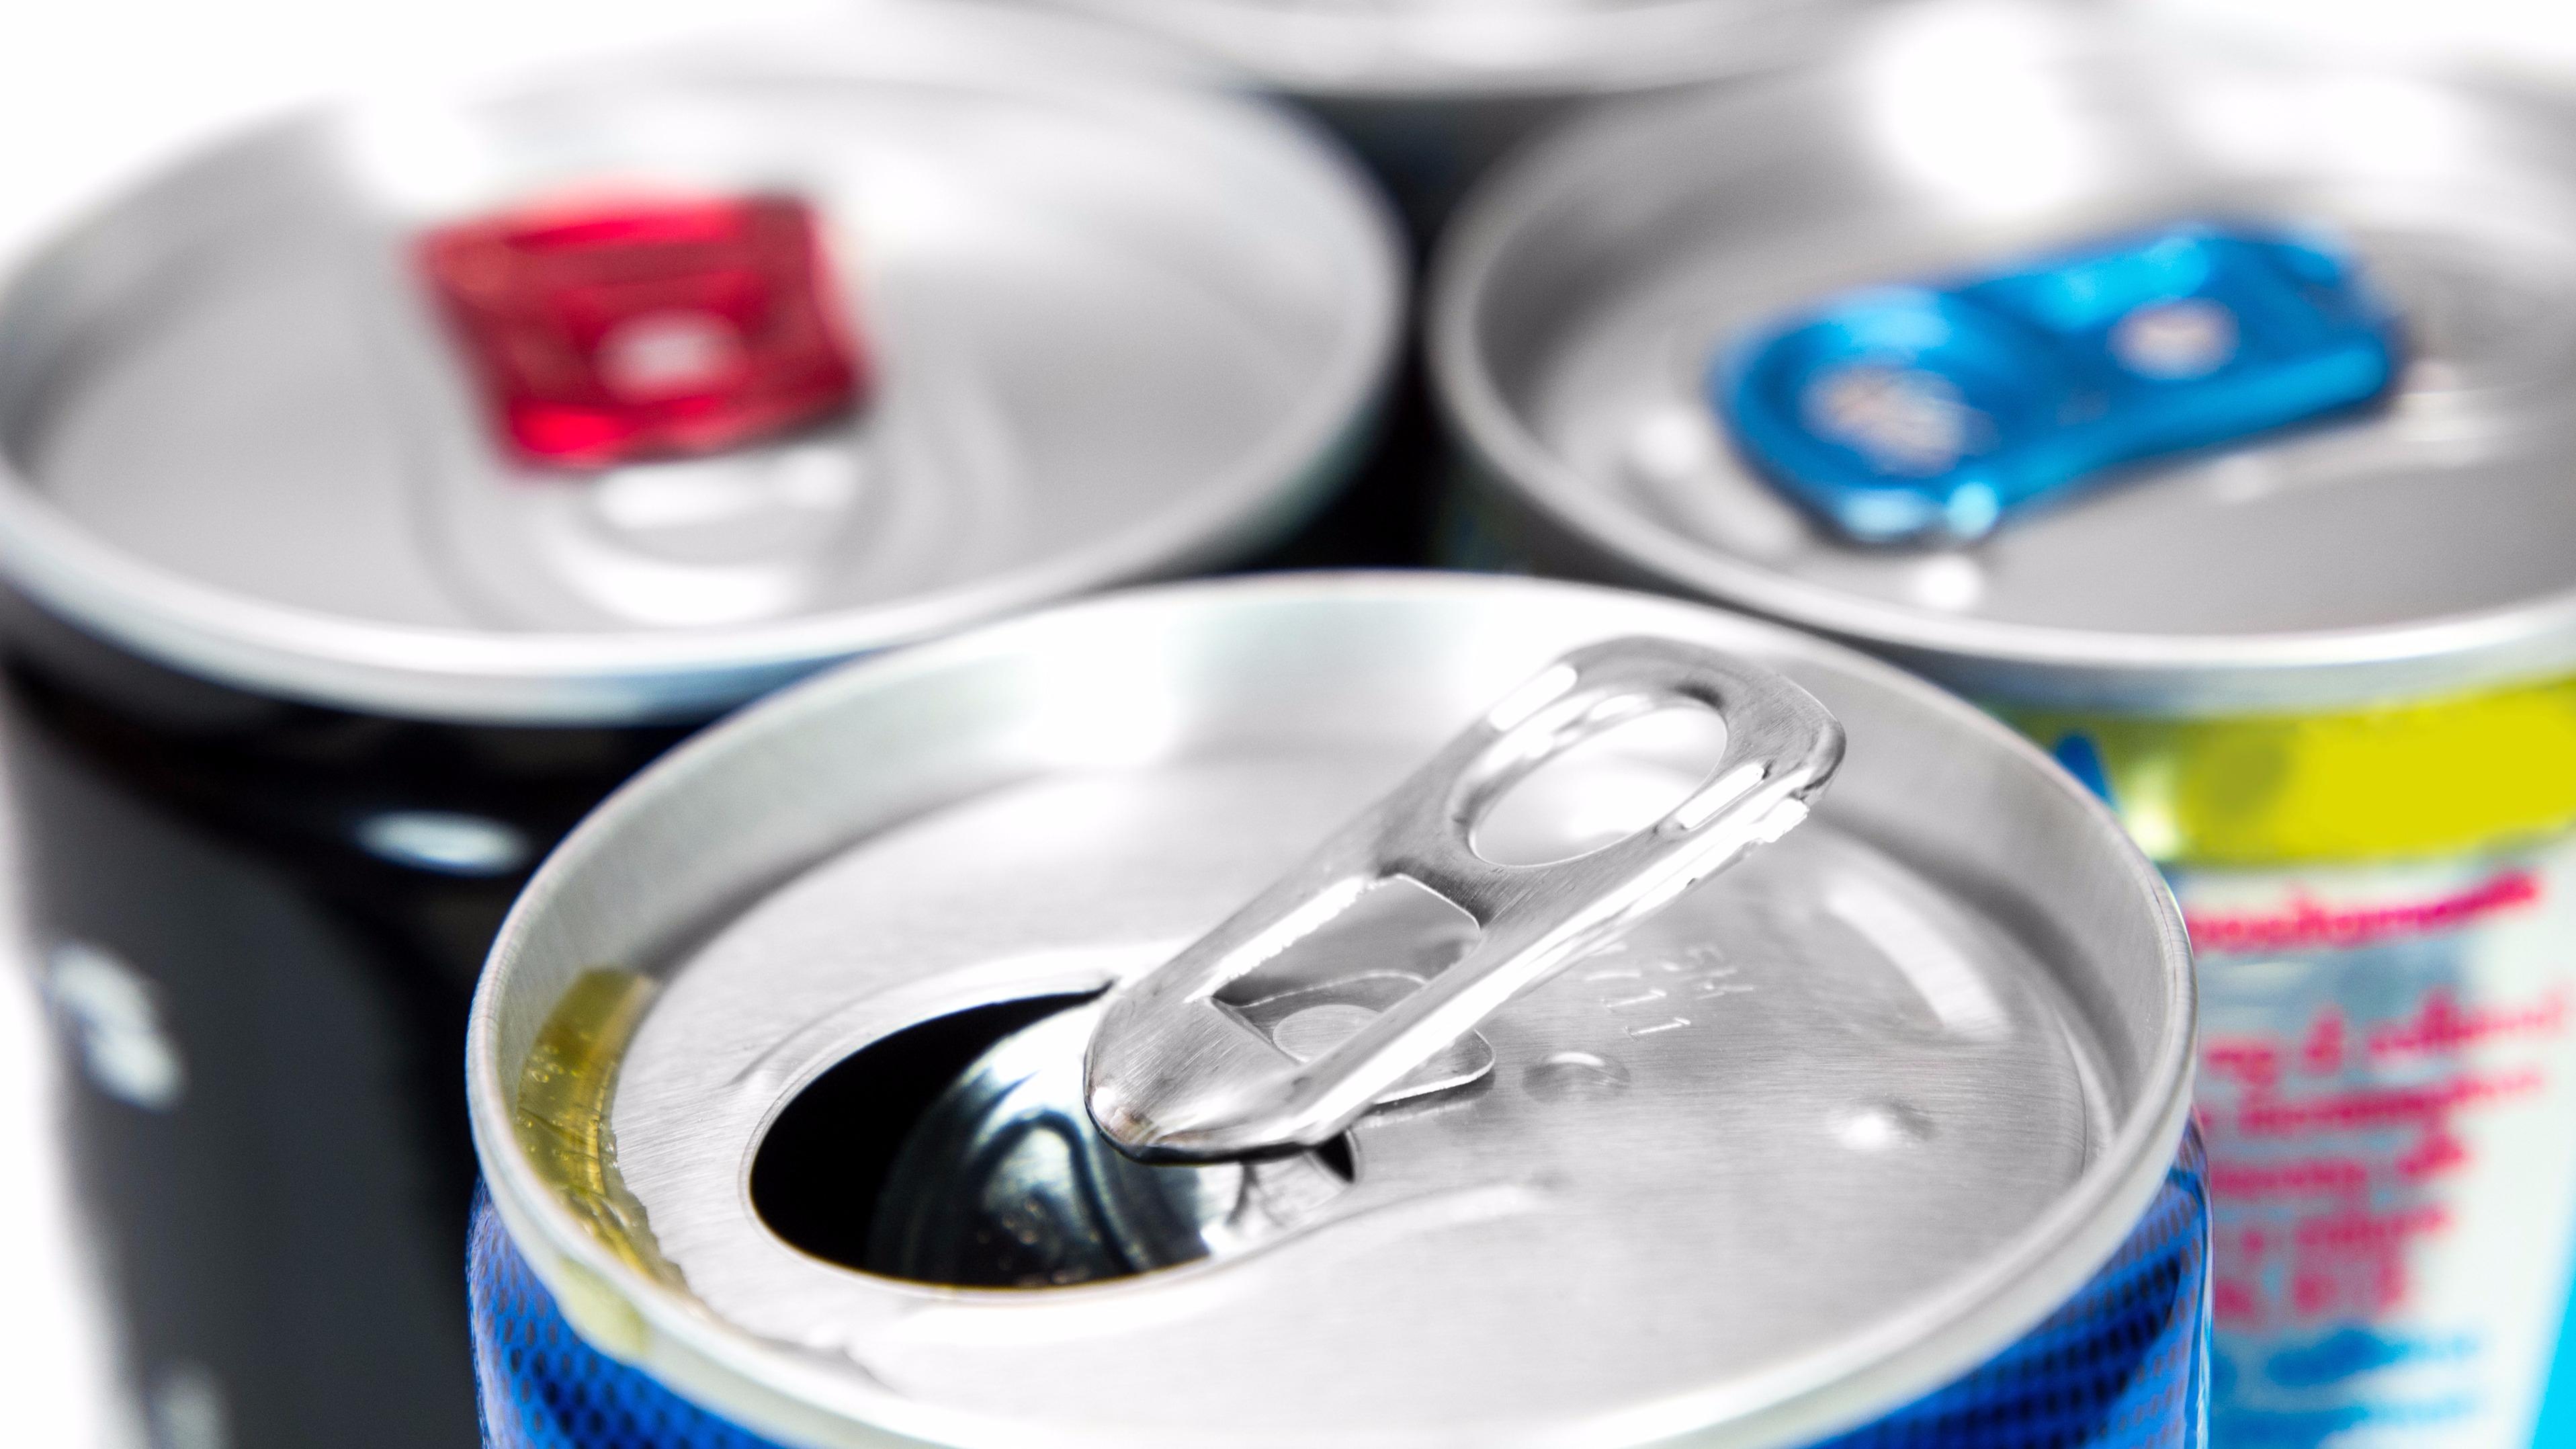 De acuerdo con la Autoridad Europea de Seguridad Alimenticia (EFSA por sus siglas en inglés), la taurina presente en las bebidas estimulantes no tienen ninguna cualidad favorable para la salud.